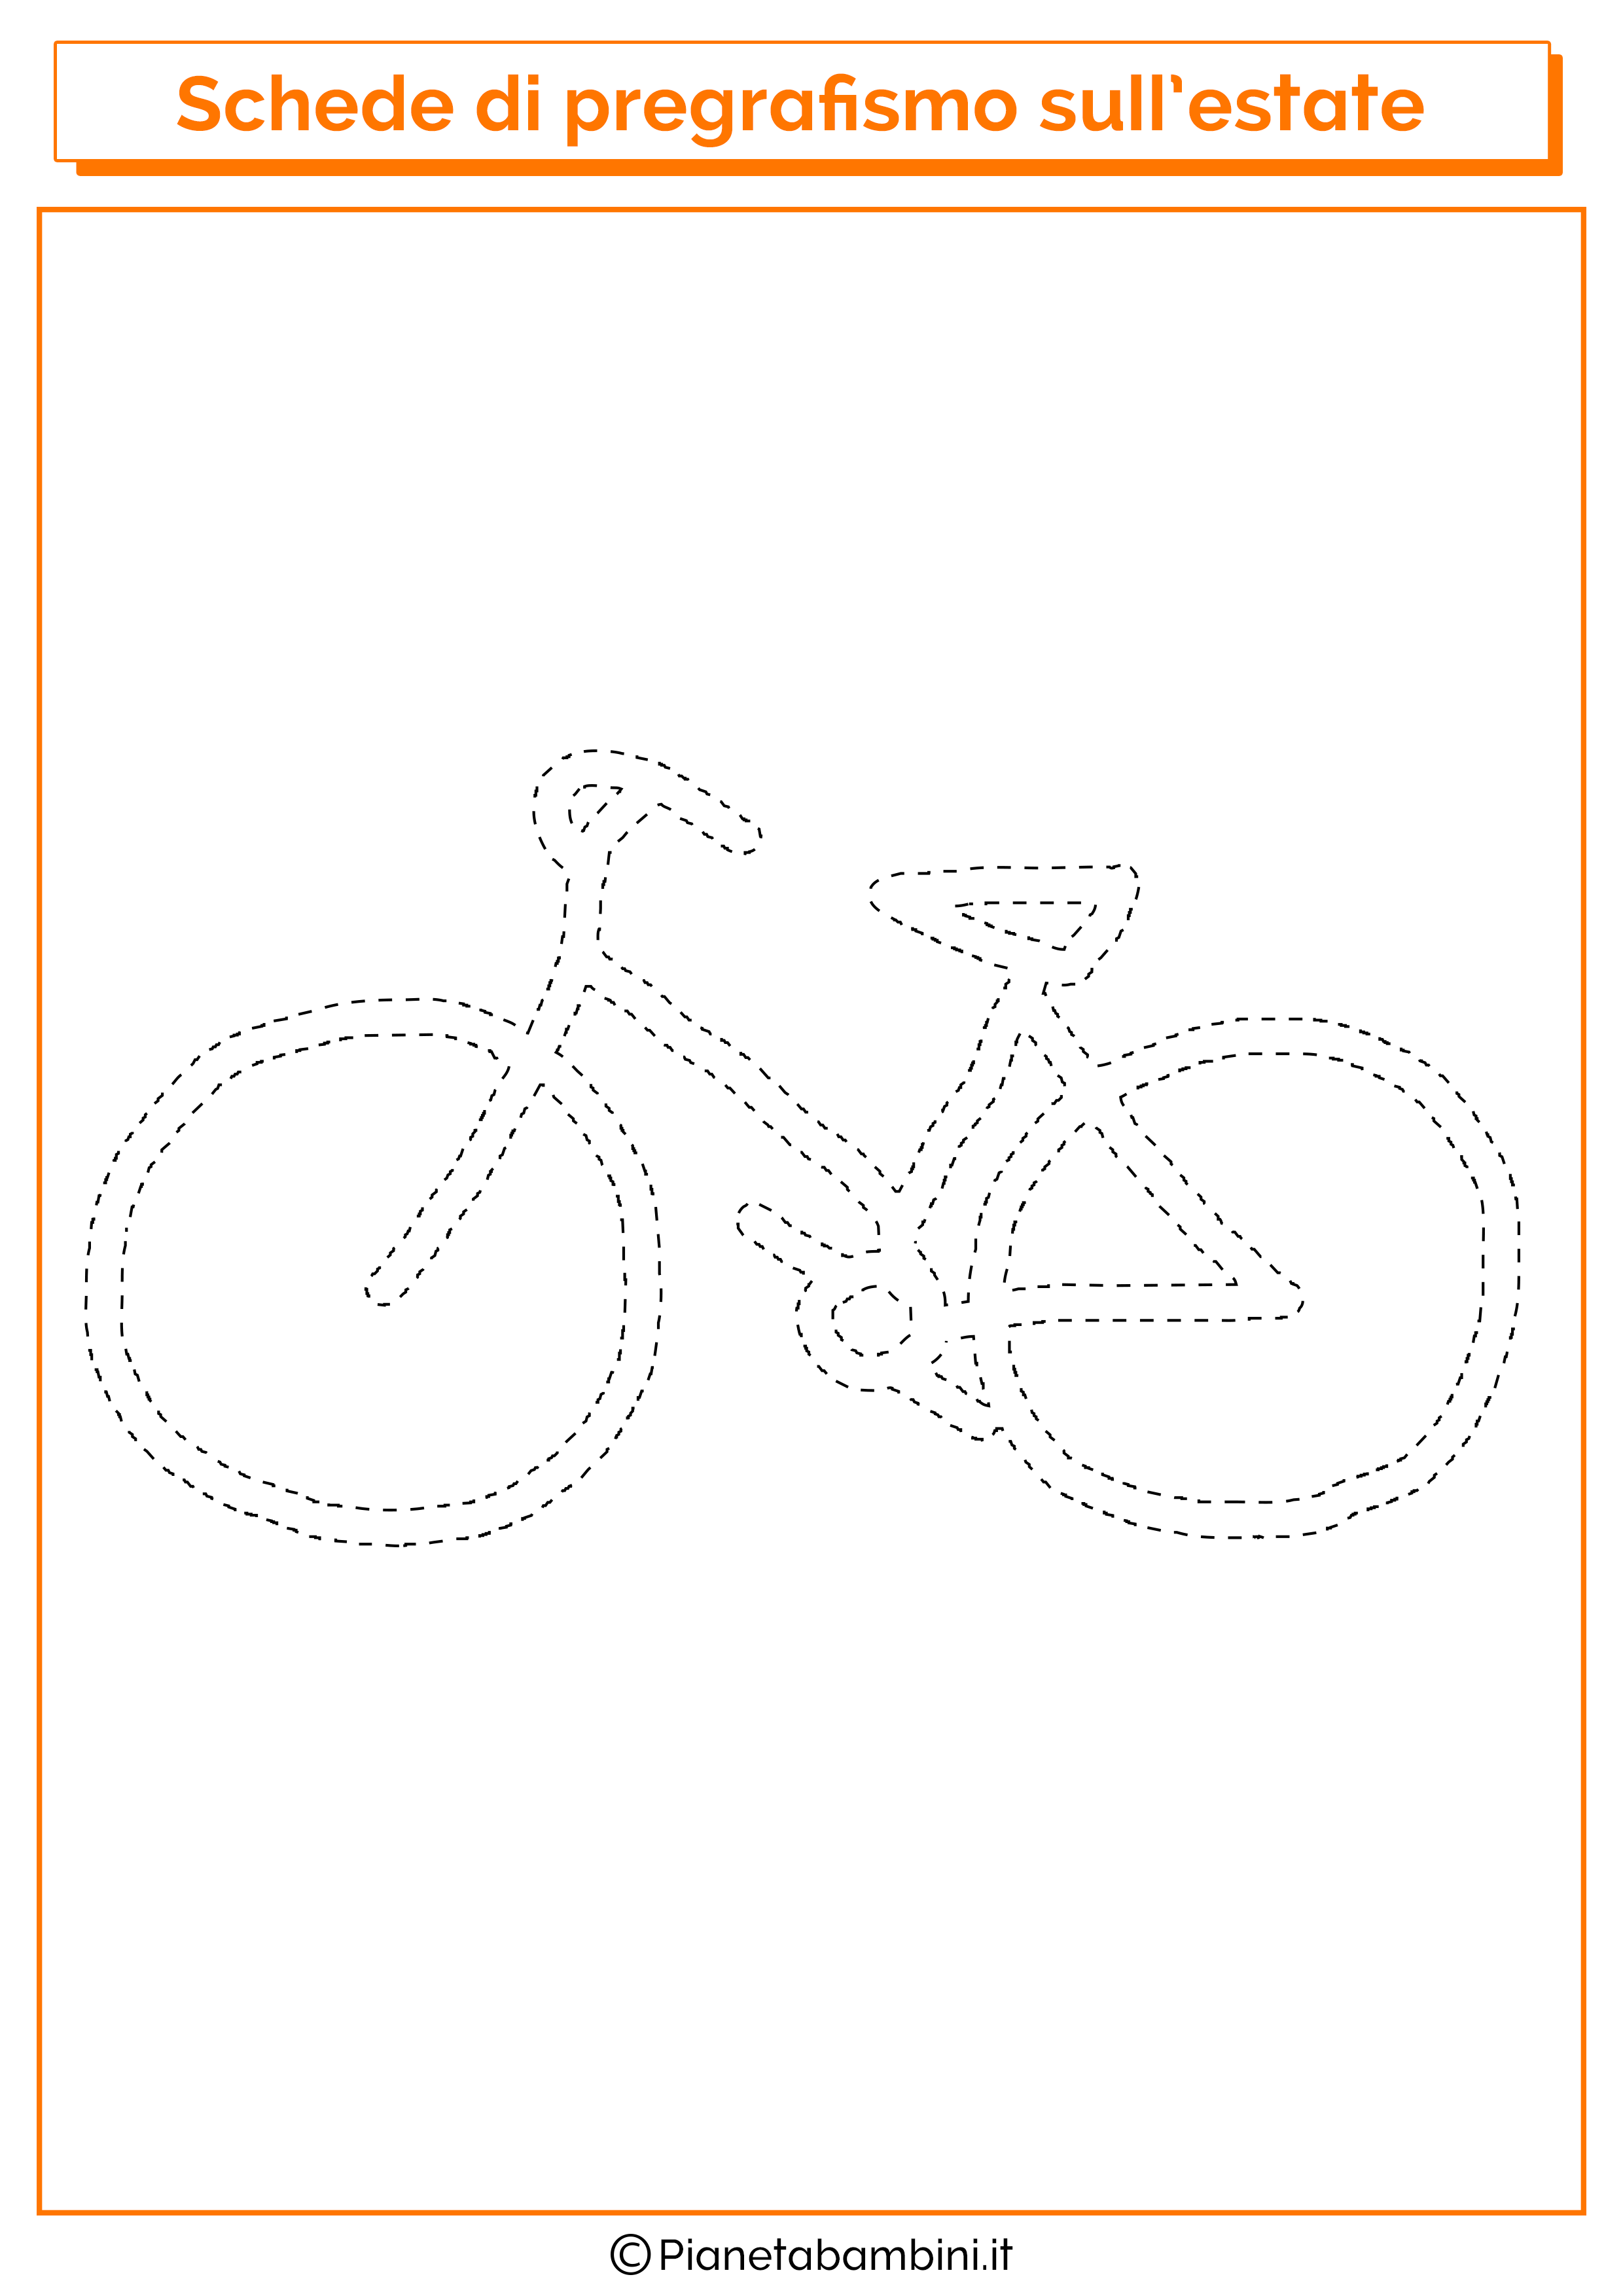 Pregrafismo-Estate-Bicicletta